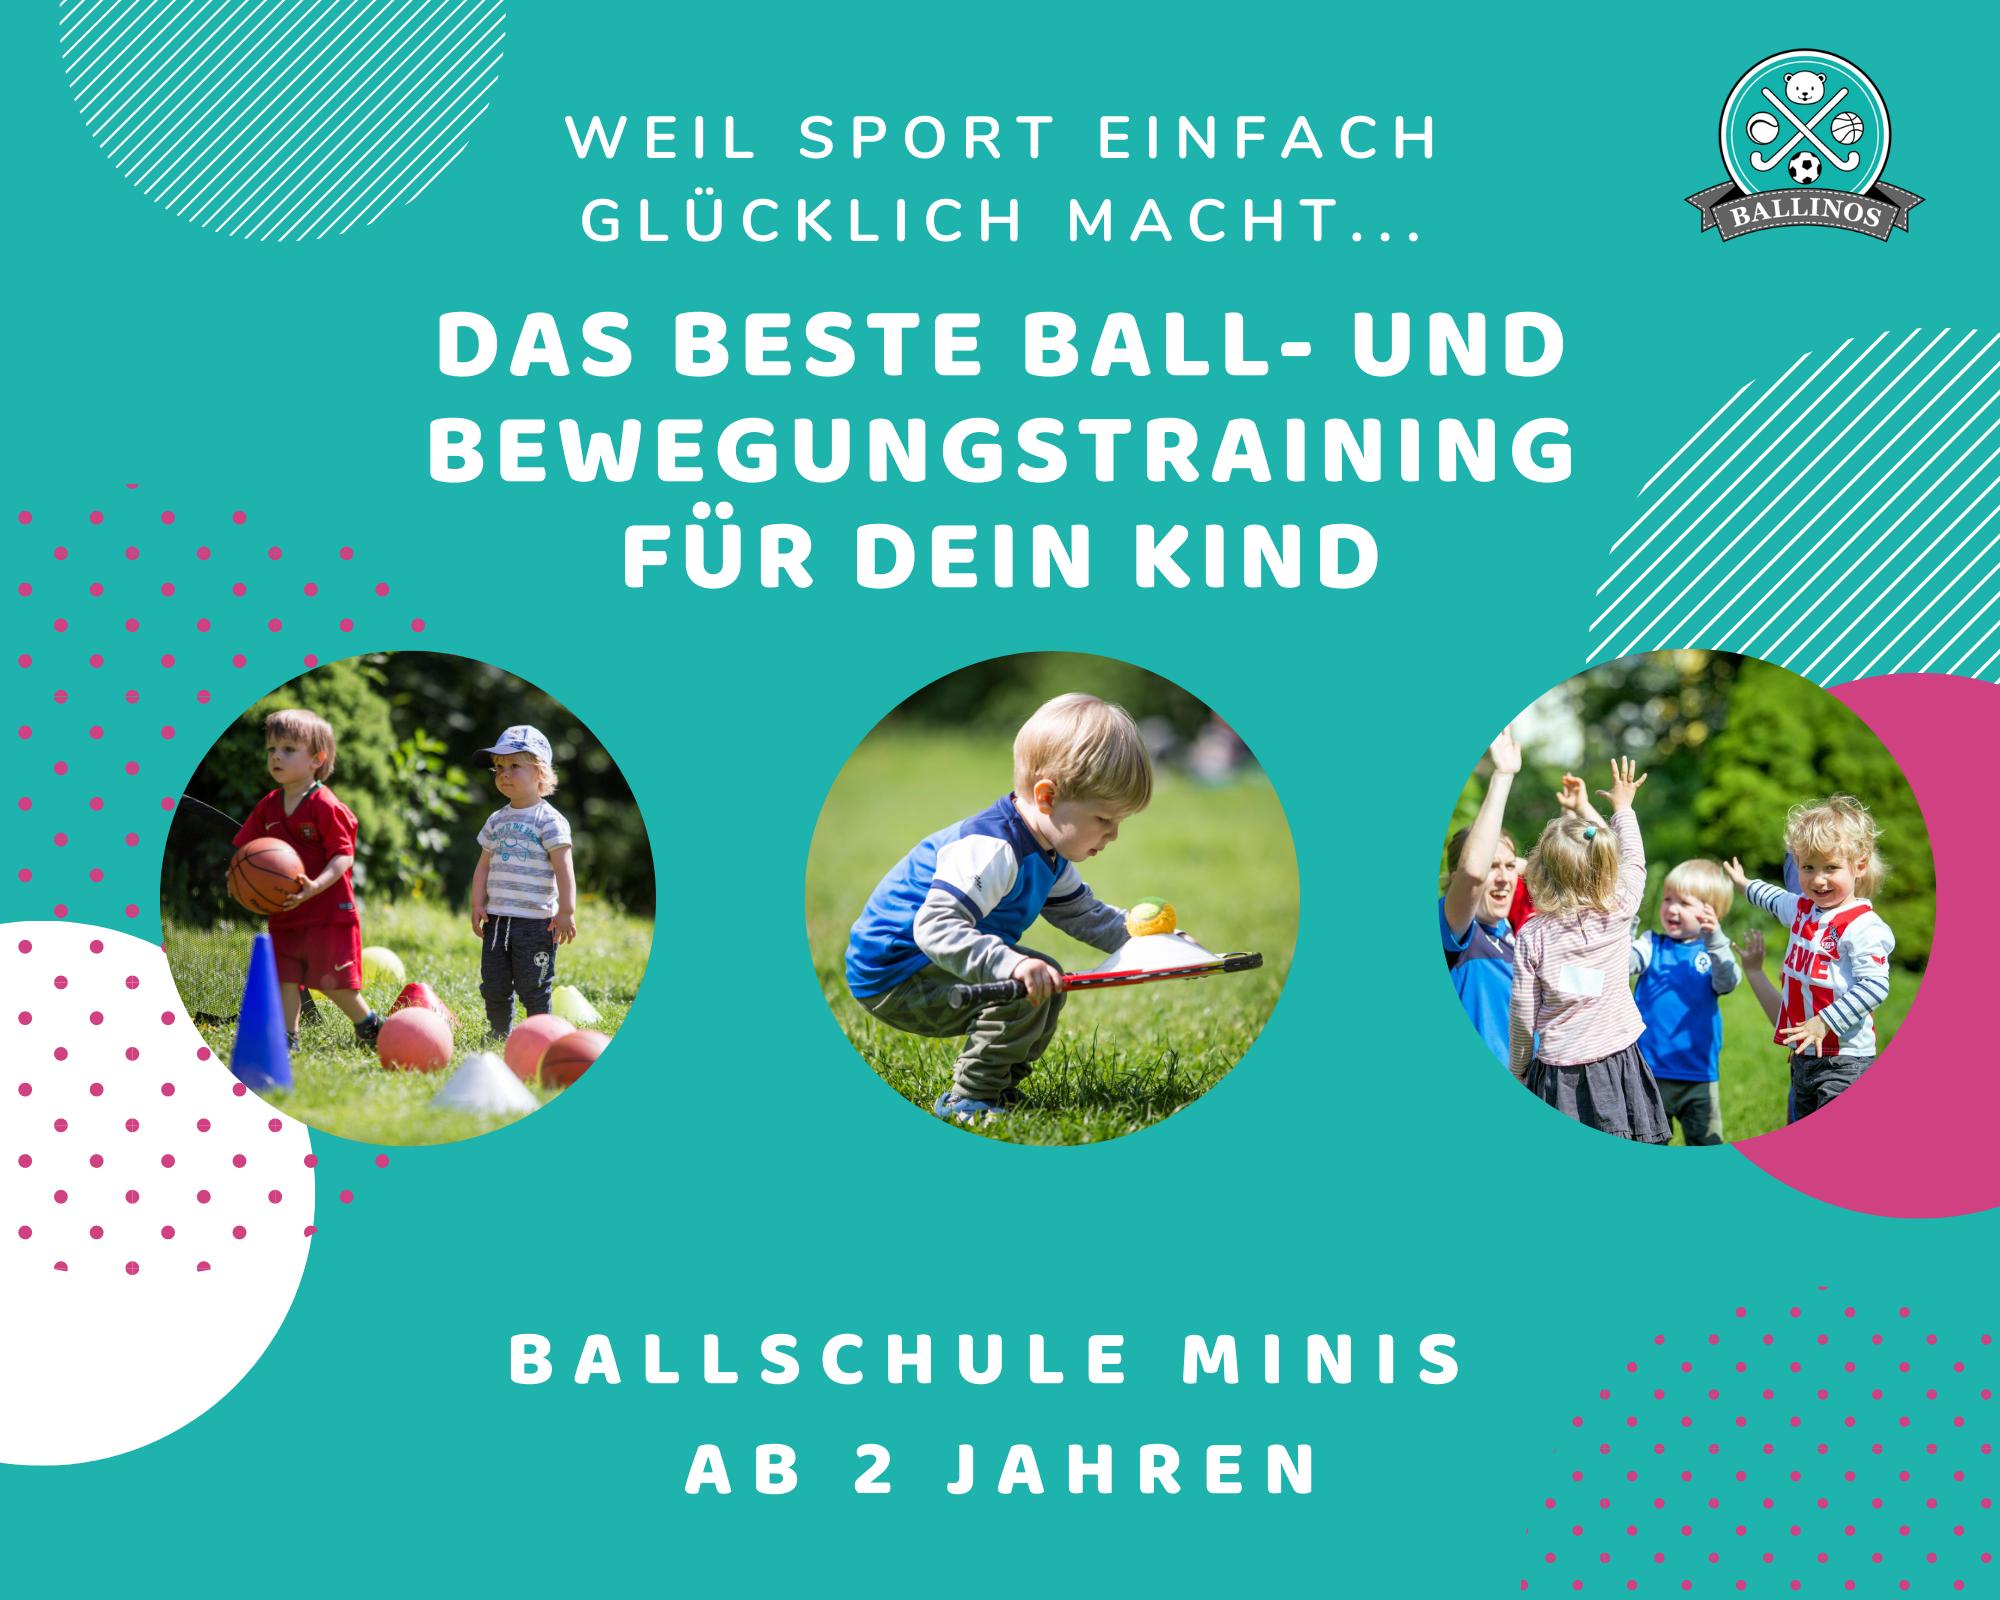 Ballschule Mini Jhg 2018